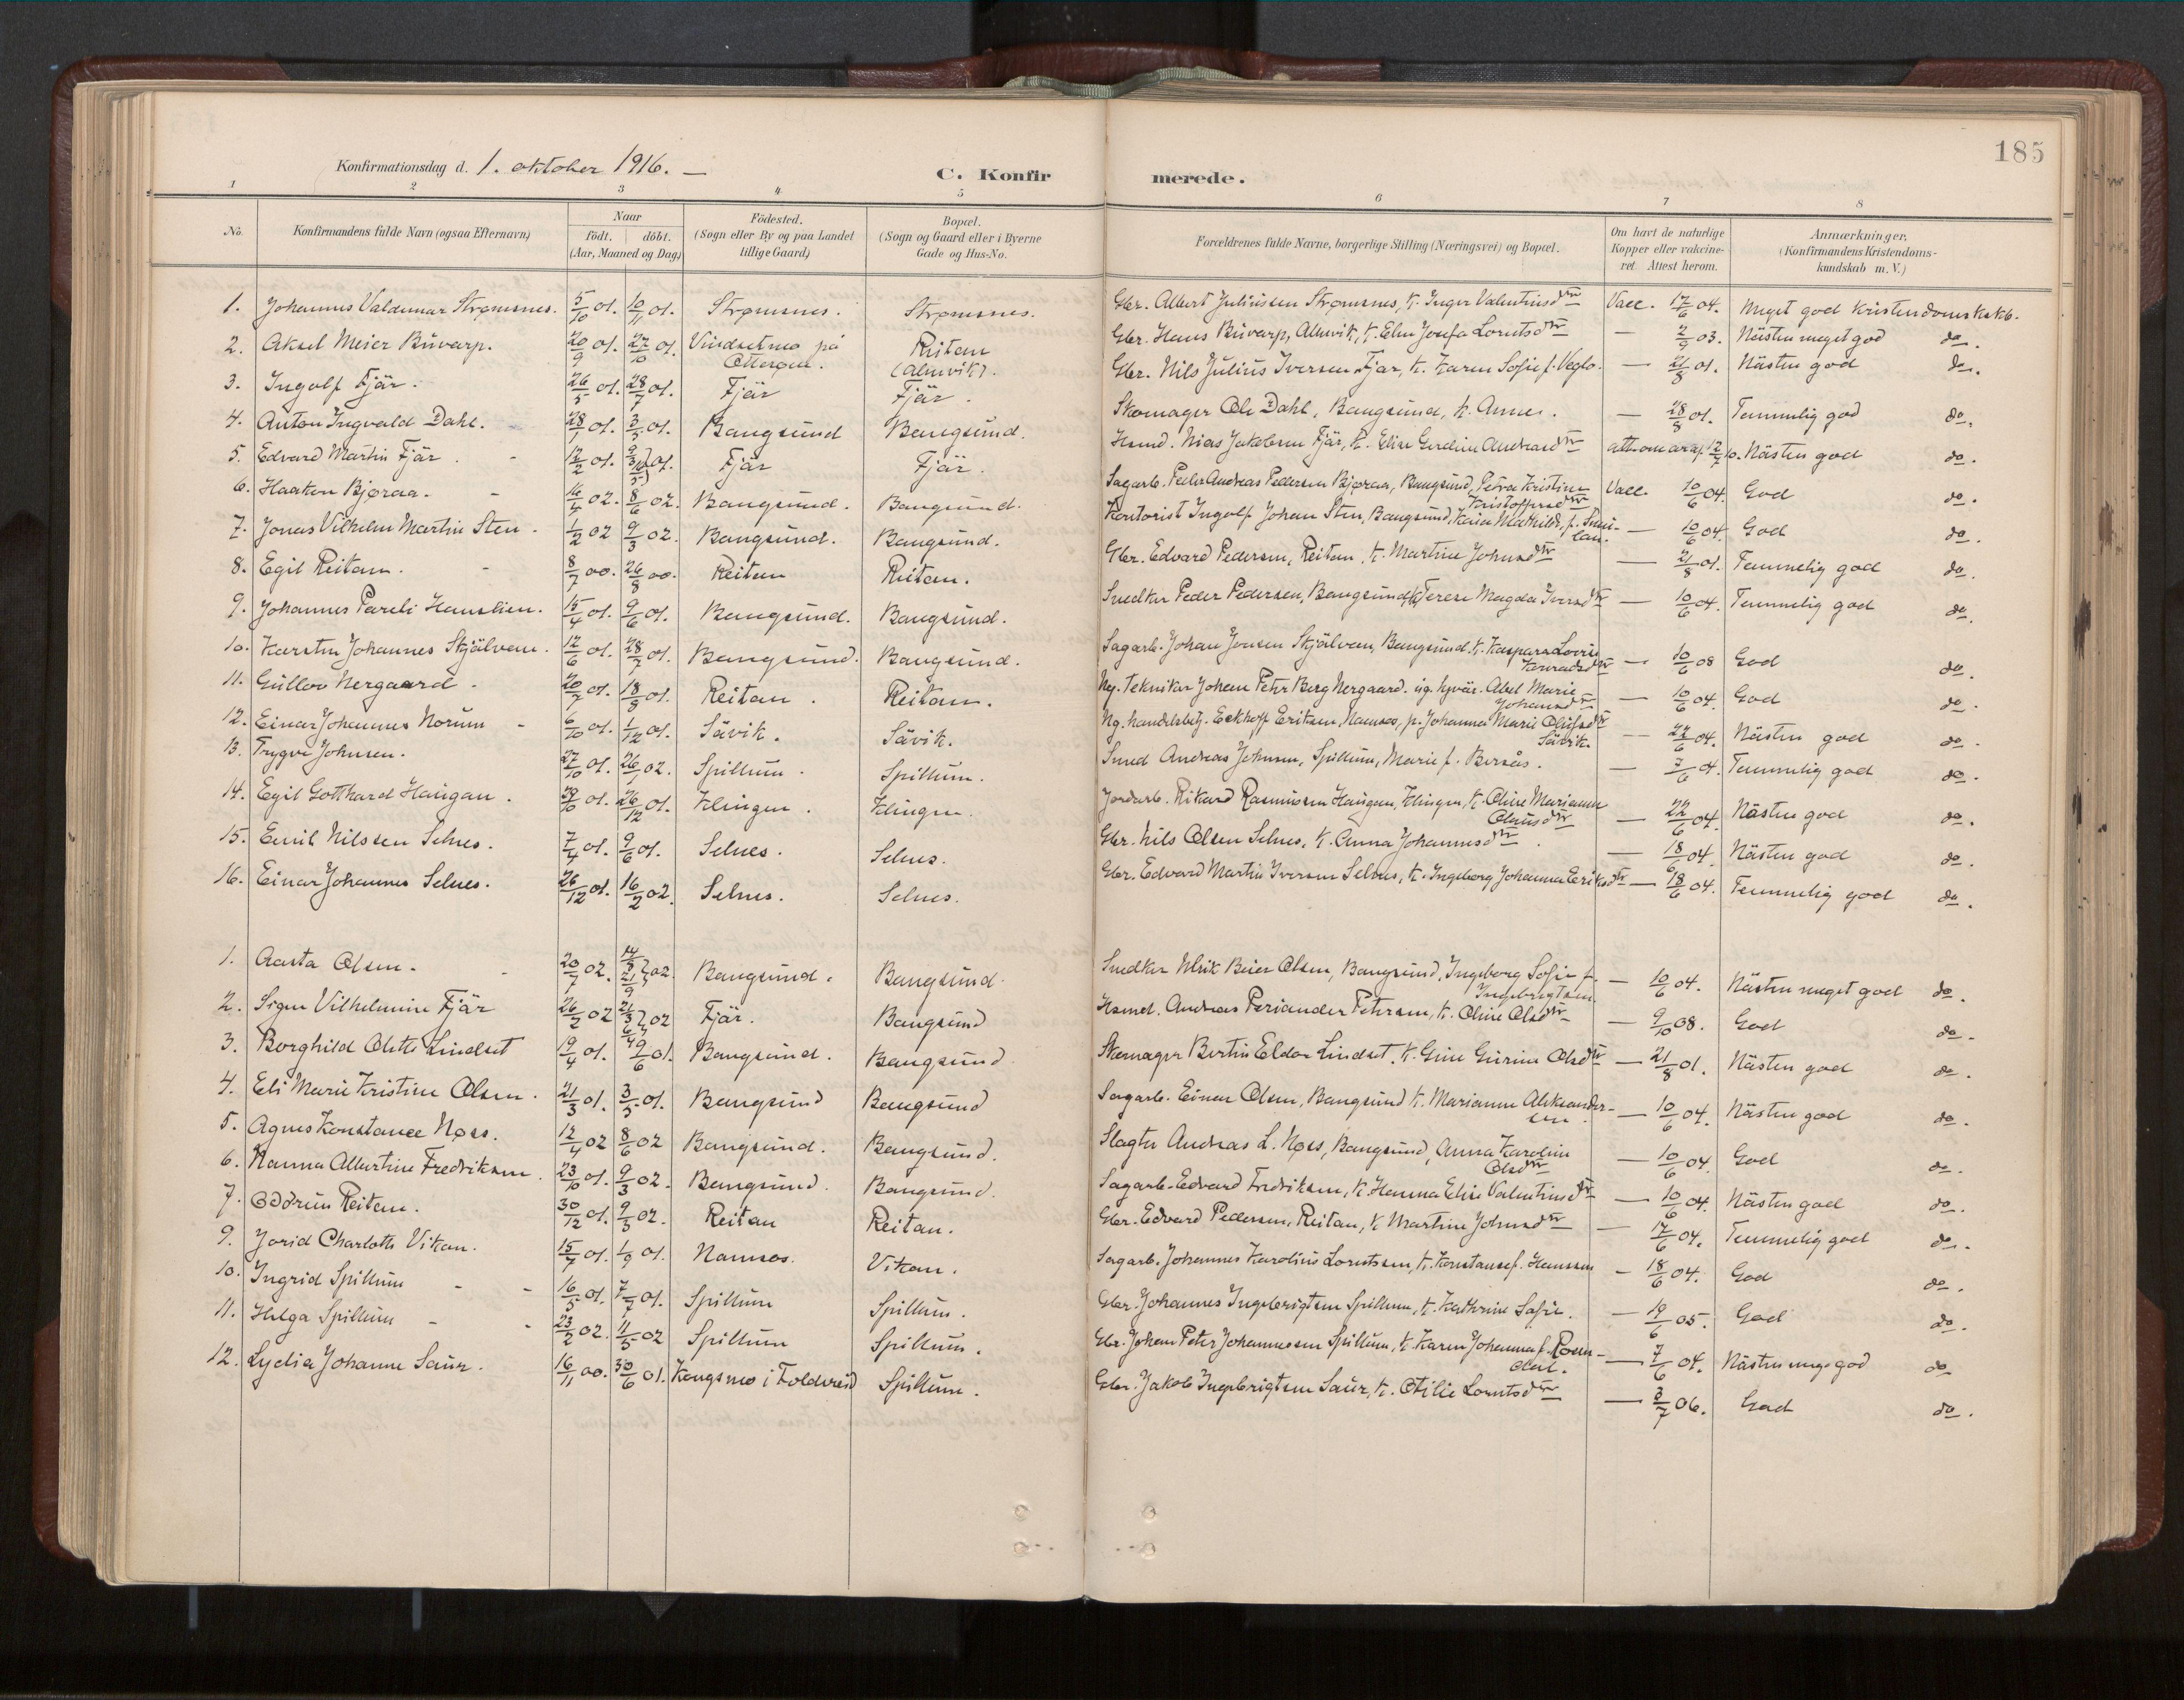 SAT, Ministerialprotokoller, klokkerbøker og fødselsregistre - Nord-Trøndelag, 770/L0589: Ministerialbok nr. 770A03, 1887-1929, s. 185